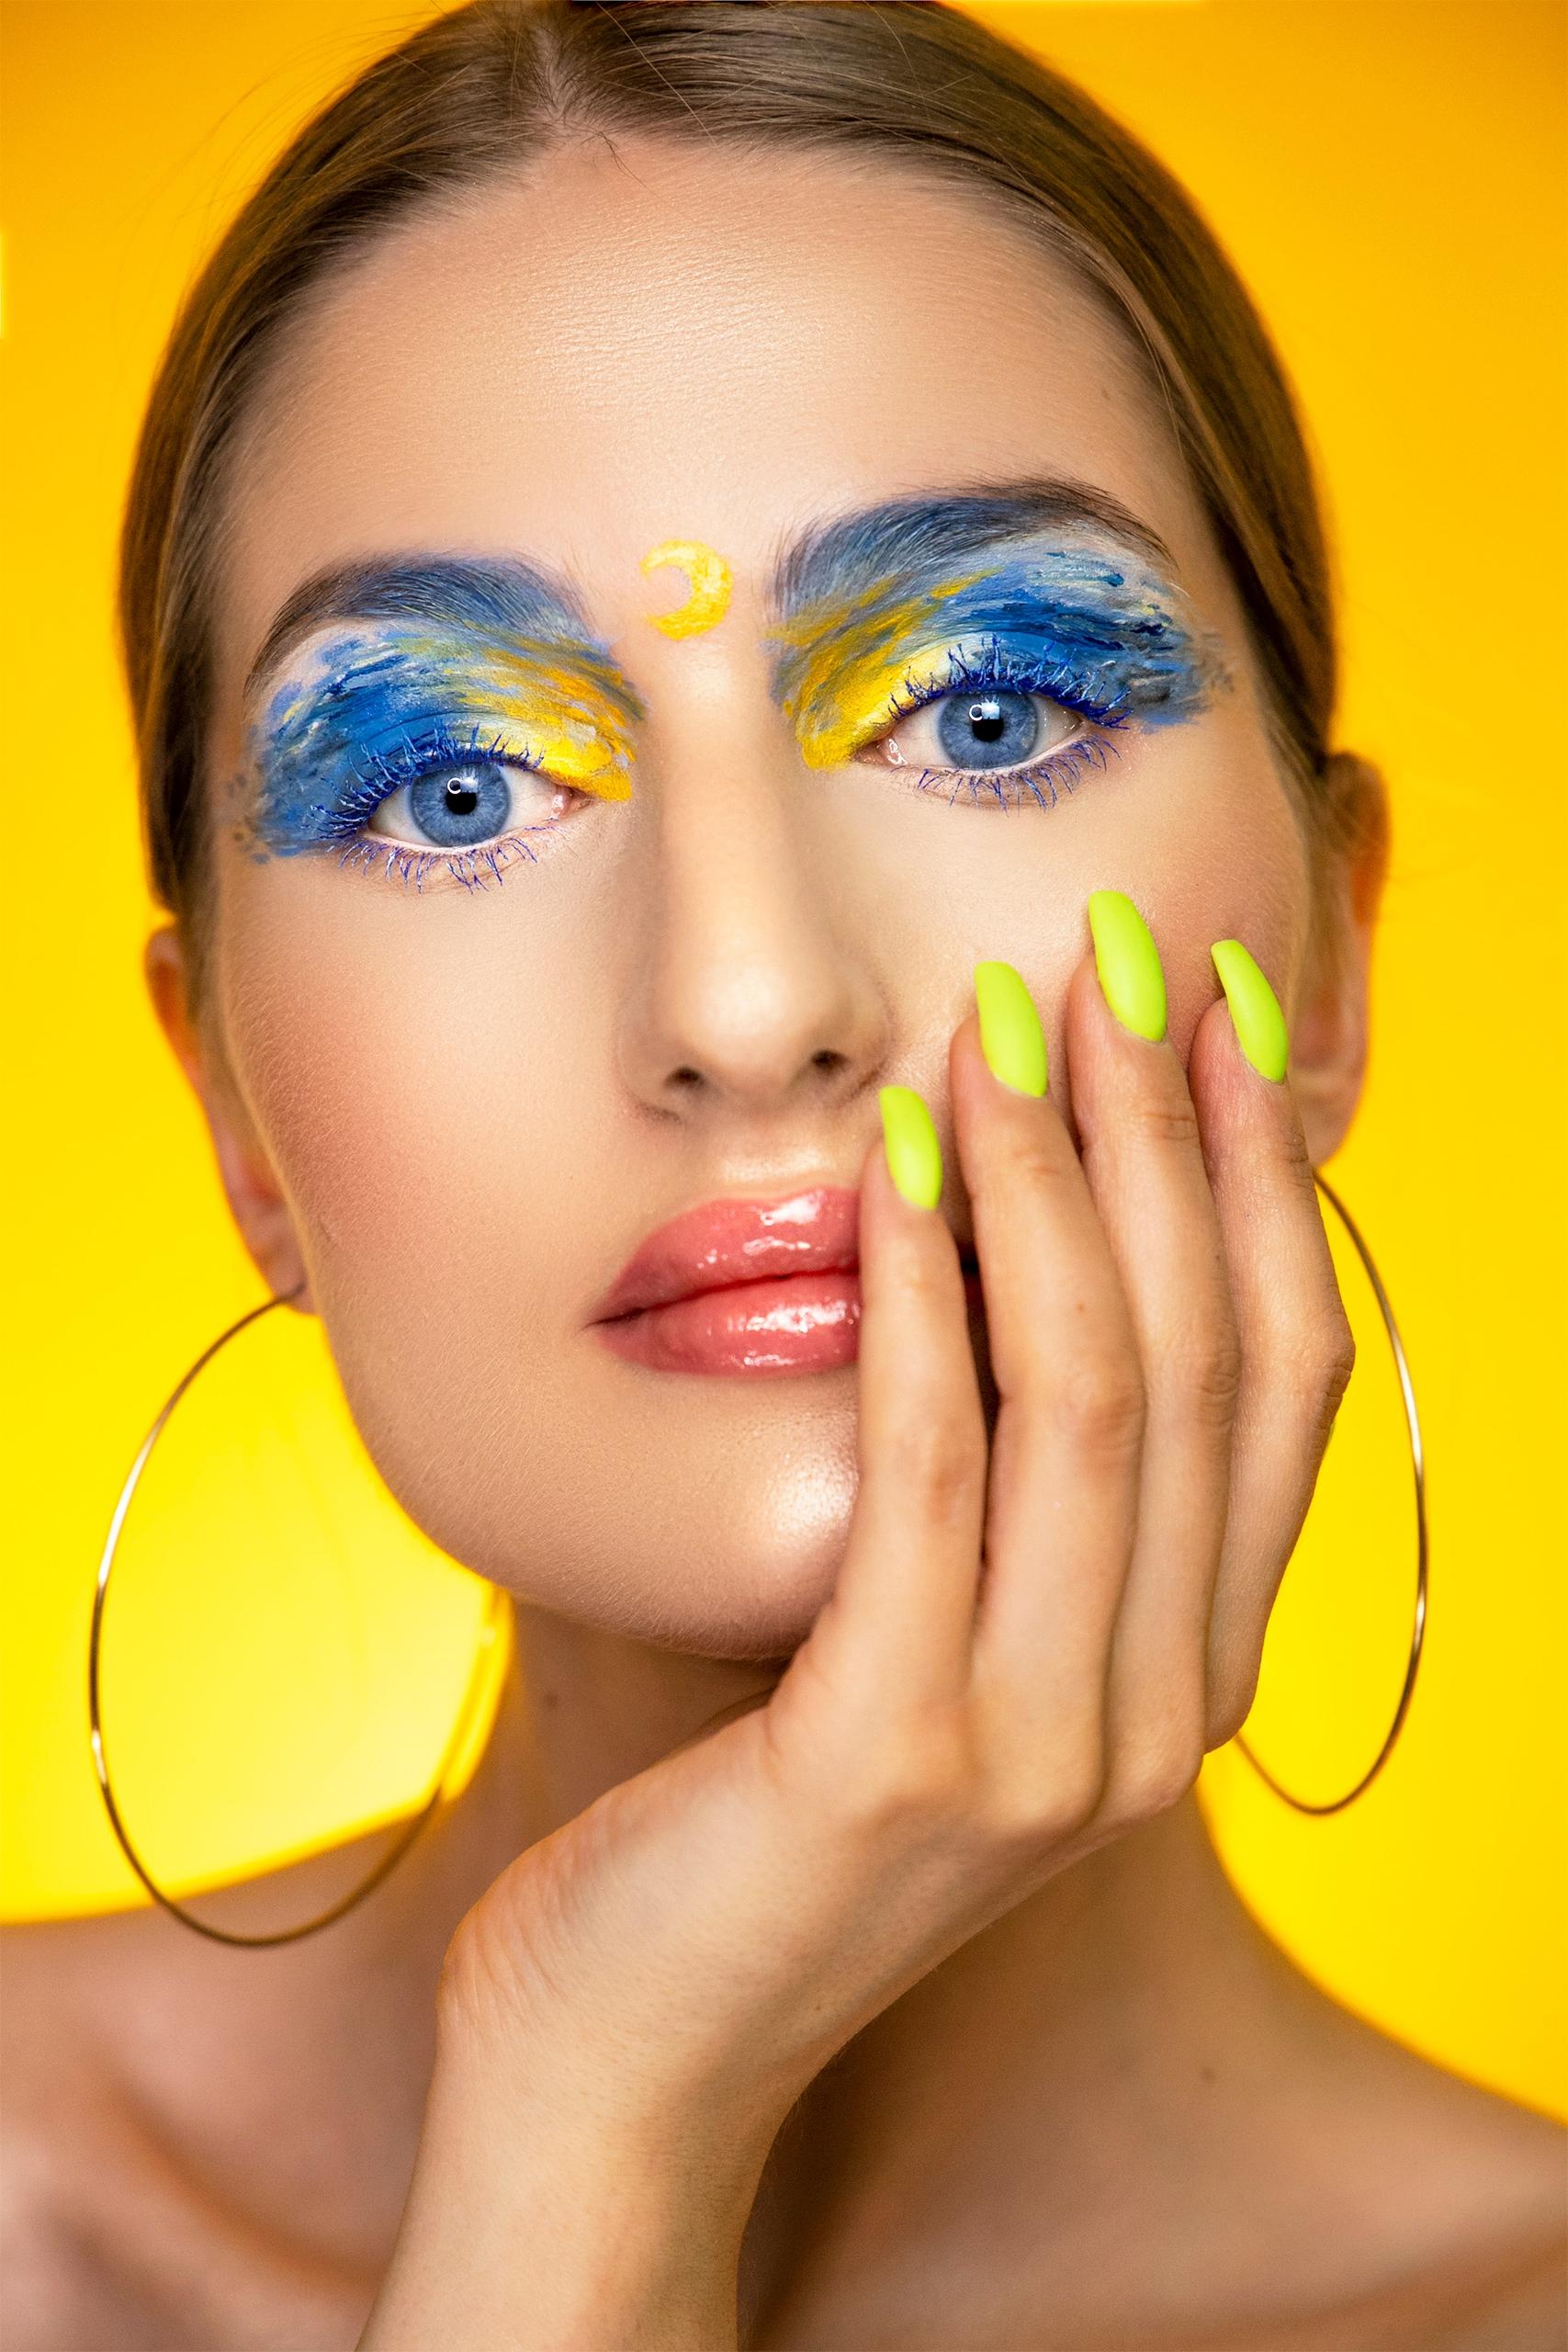 Make-up inspirowany obrazem 'Gwiaździsta Noc' by Vincent van Gogh